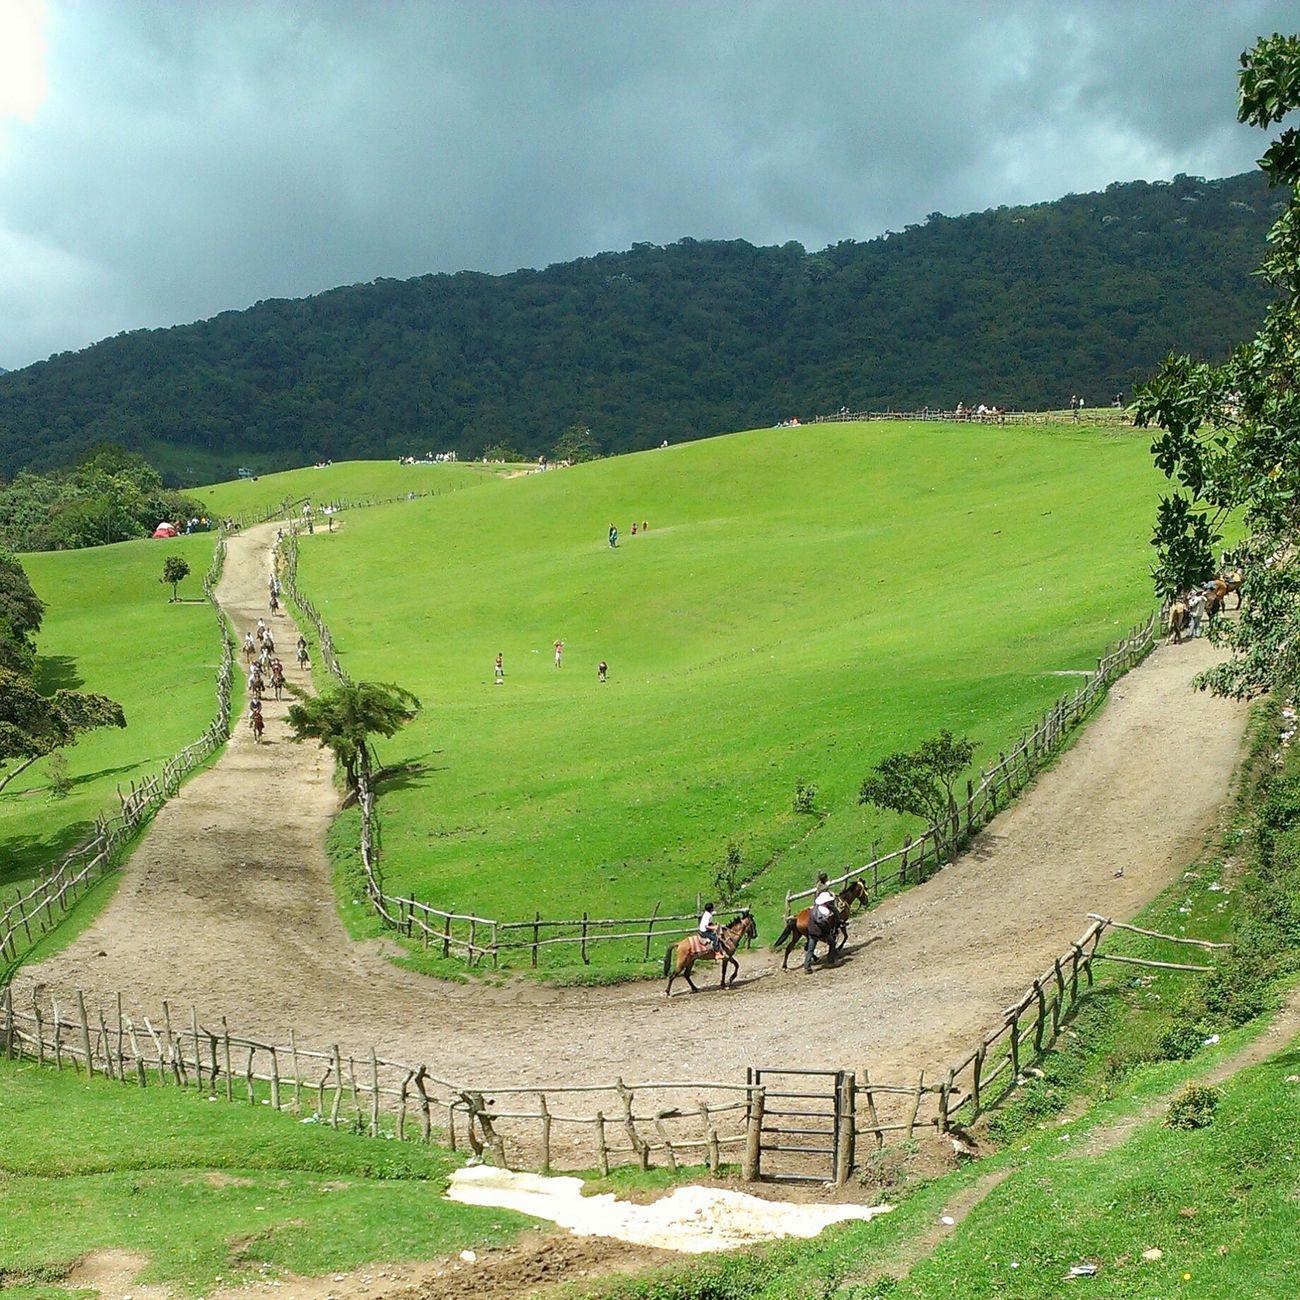 La belleza de la naturaleza. Horse Caballos Venezuela Venezuelan Belleza Beautiful